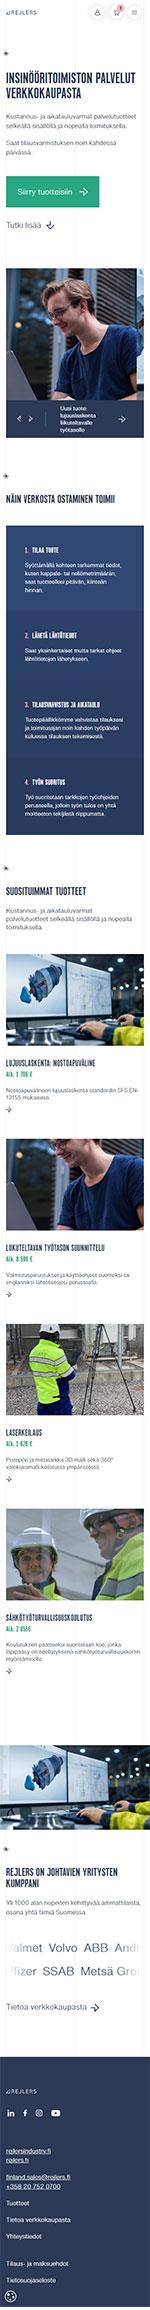 Rejlers verkkokauppa mobile